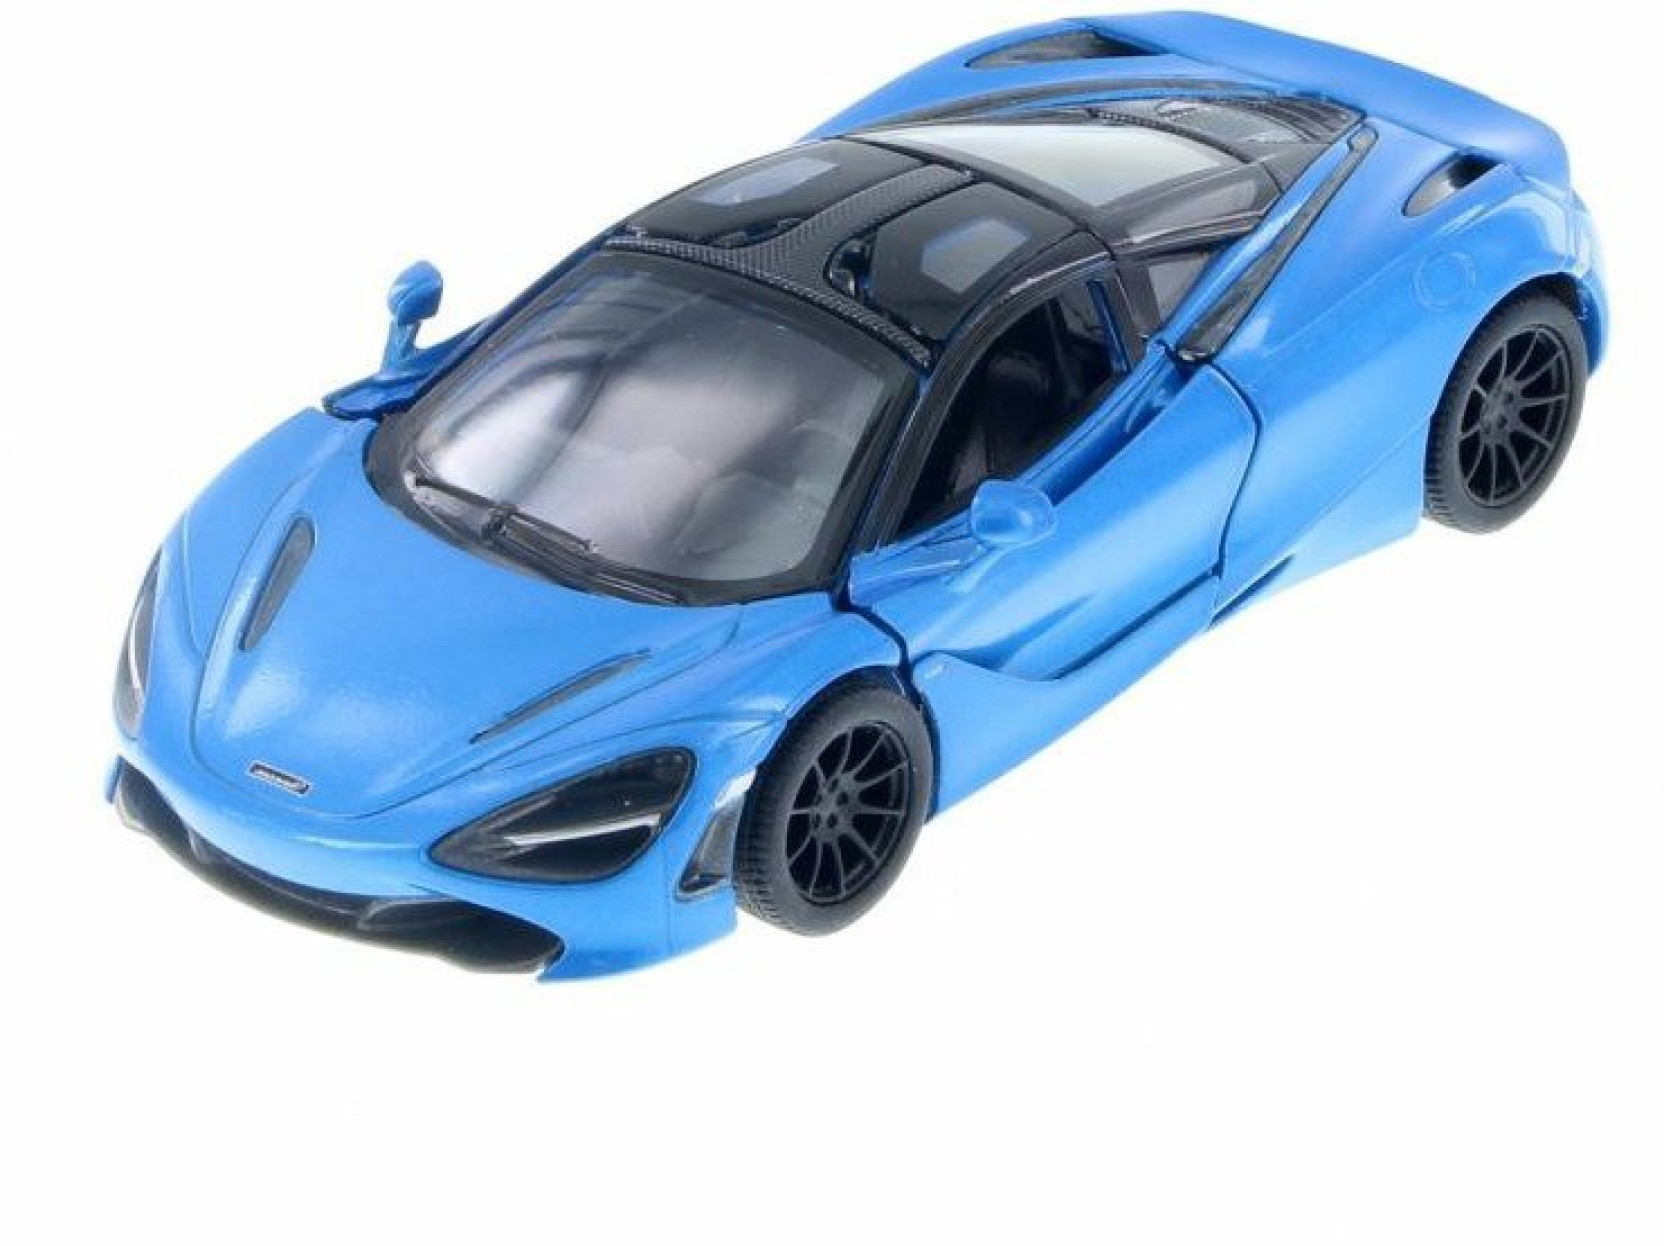 Kinsmart Mclaren 720s Crystal Blue 5403d 1 36 Scale Hotwheels Share